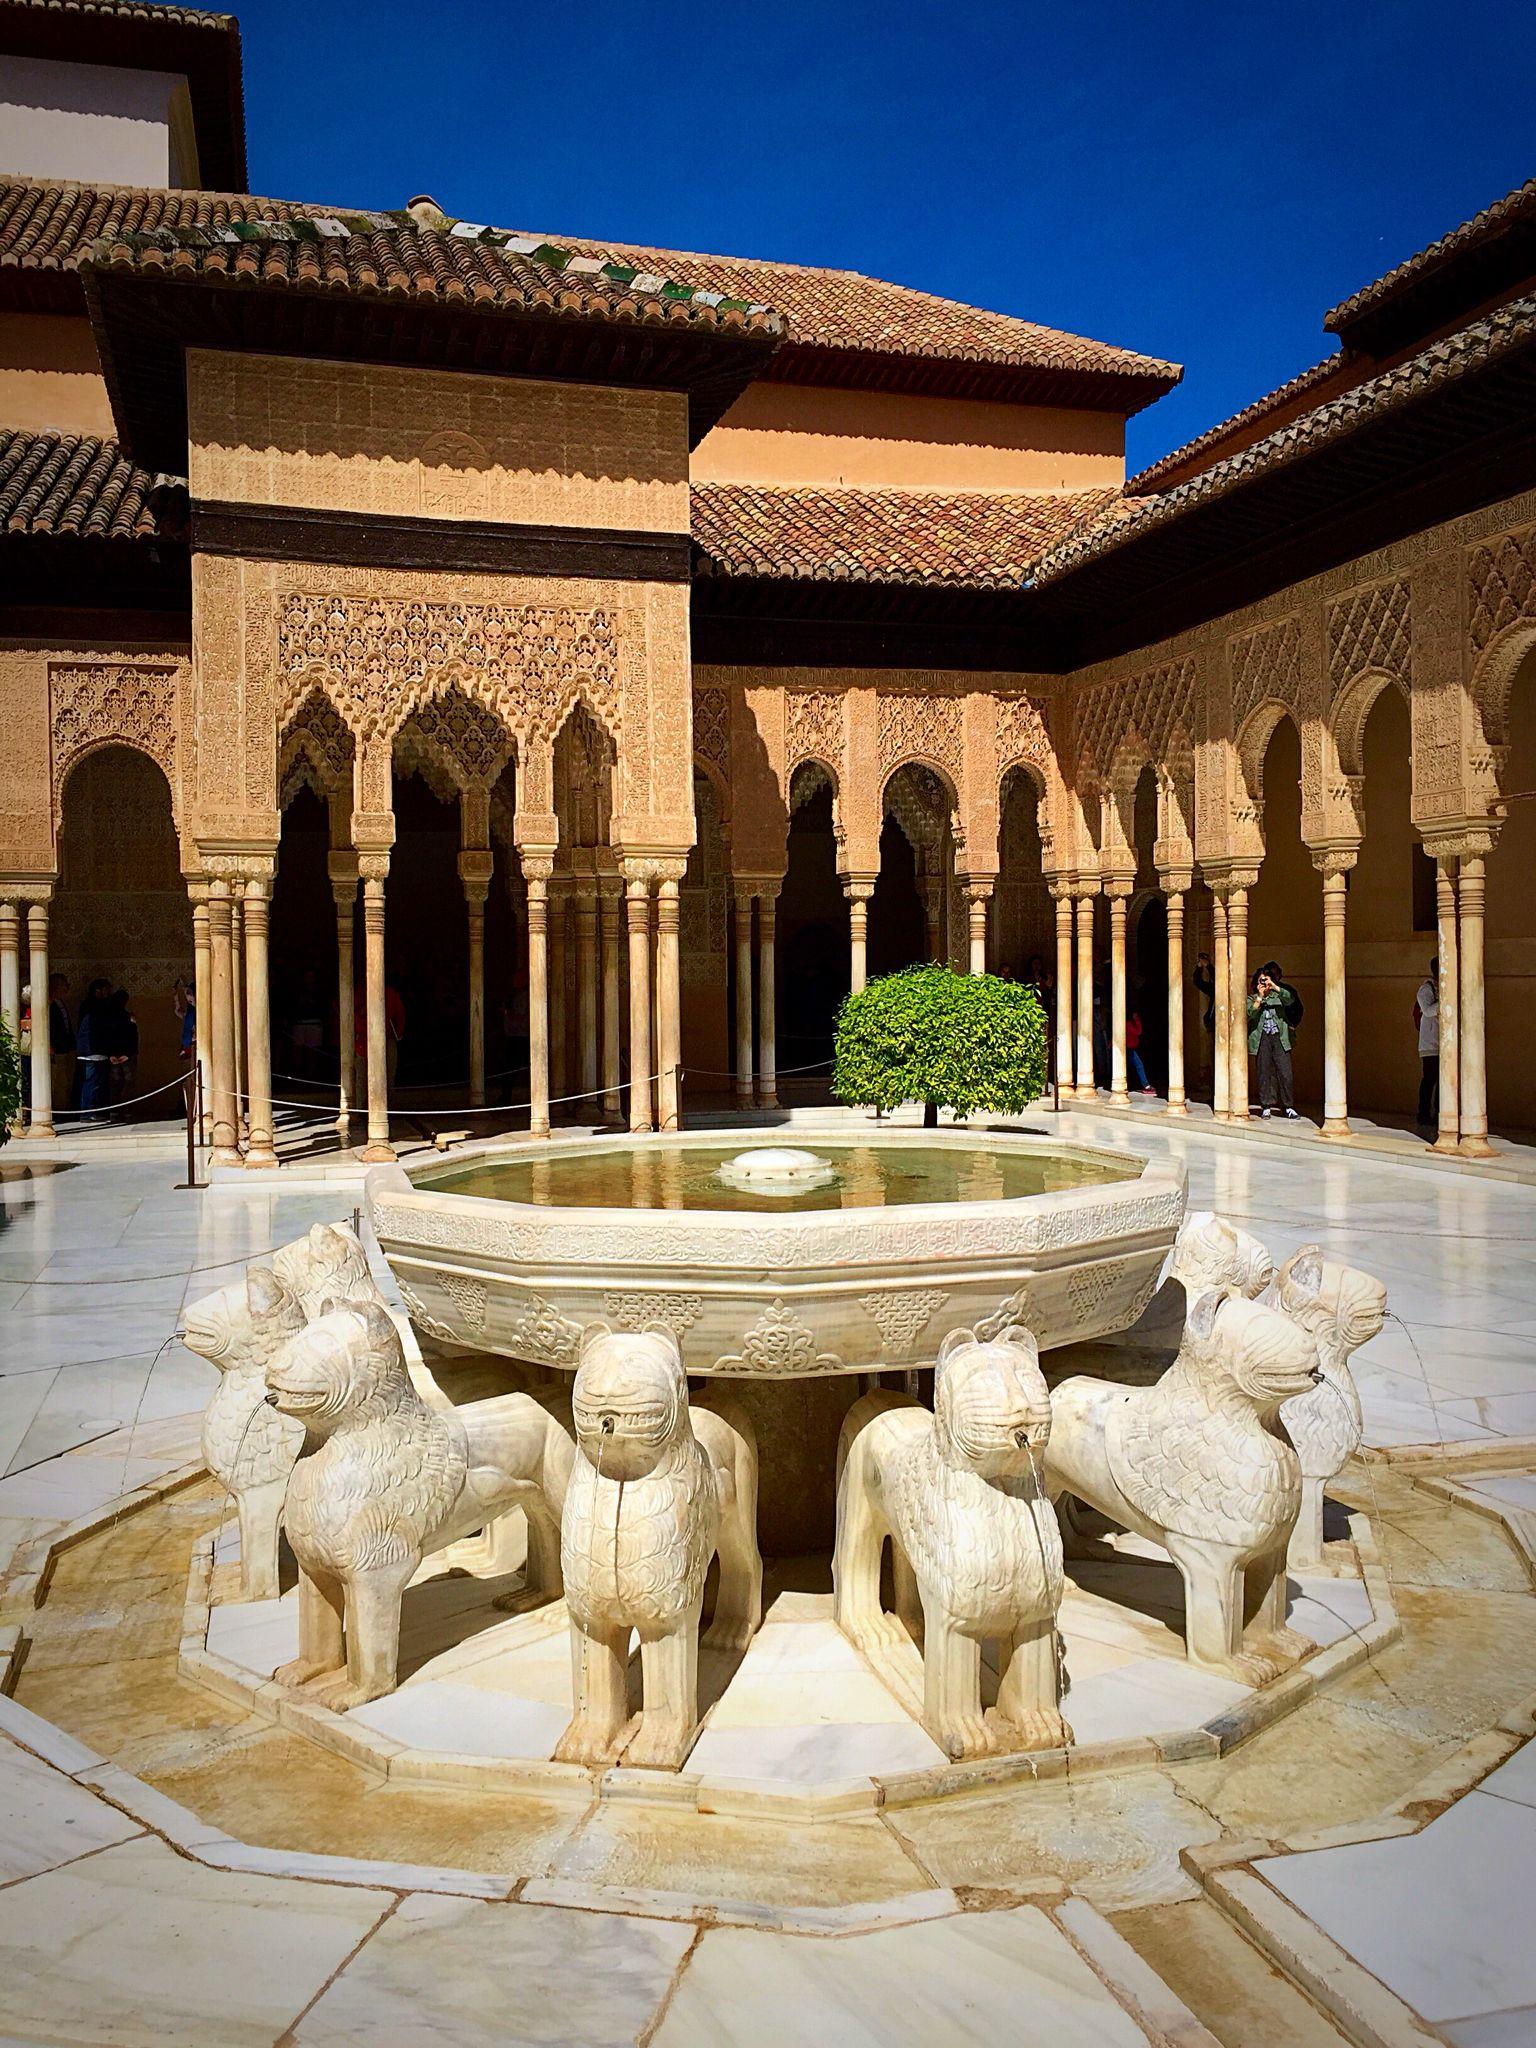 アルハンブラ宮殿 ライオン 中庭